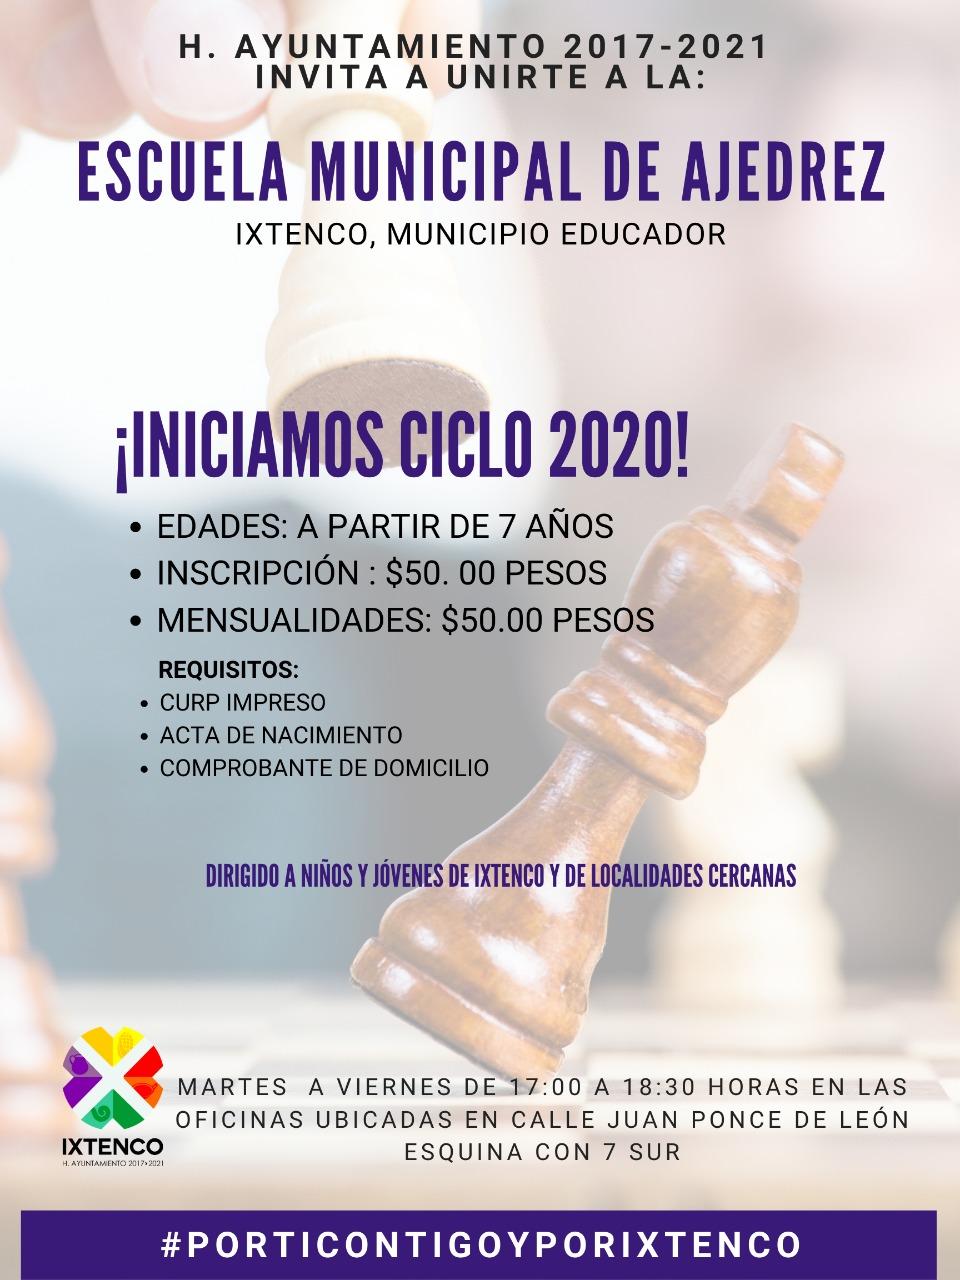 Inicia ciclo escolar 2020 en escuela Municipal de ajedrez de Ixtenco